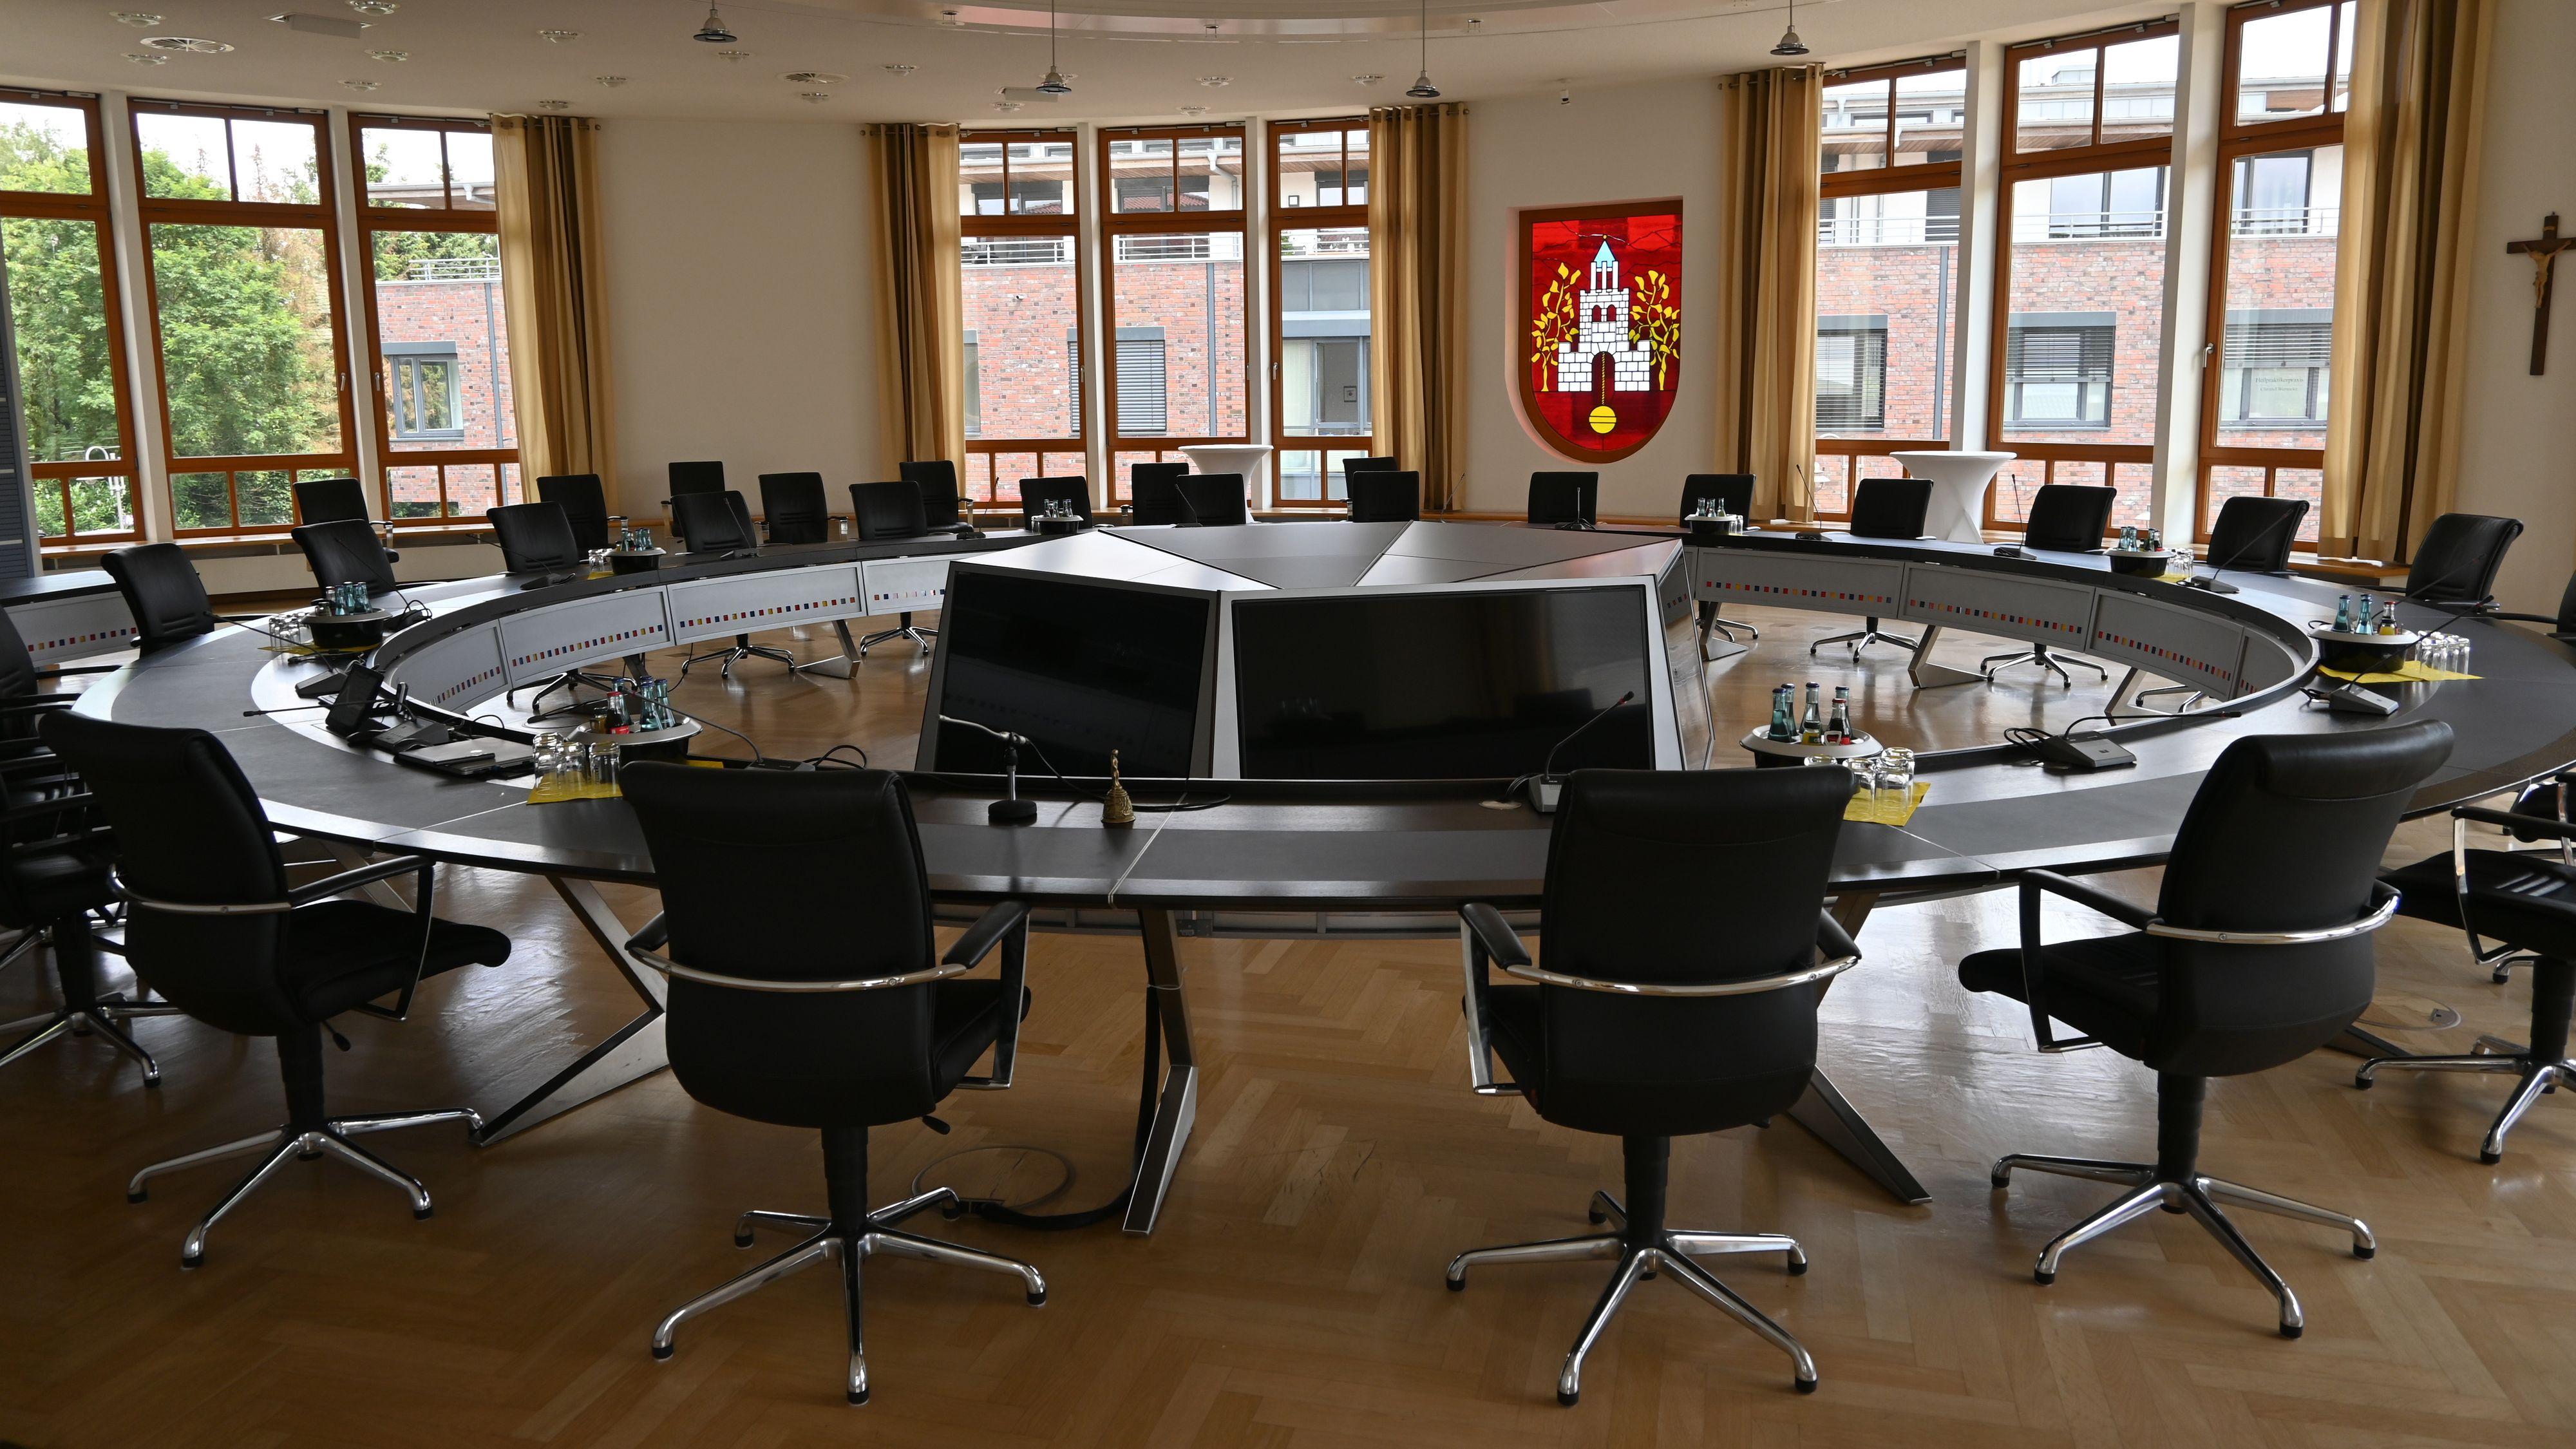 Stühlerücken: Zahlreiche neue Gesichter wird es bei der konstituierenden Sitzung in Emstek geben. Foto: Vorwerk